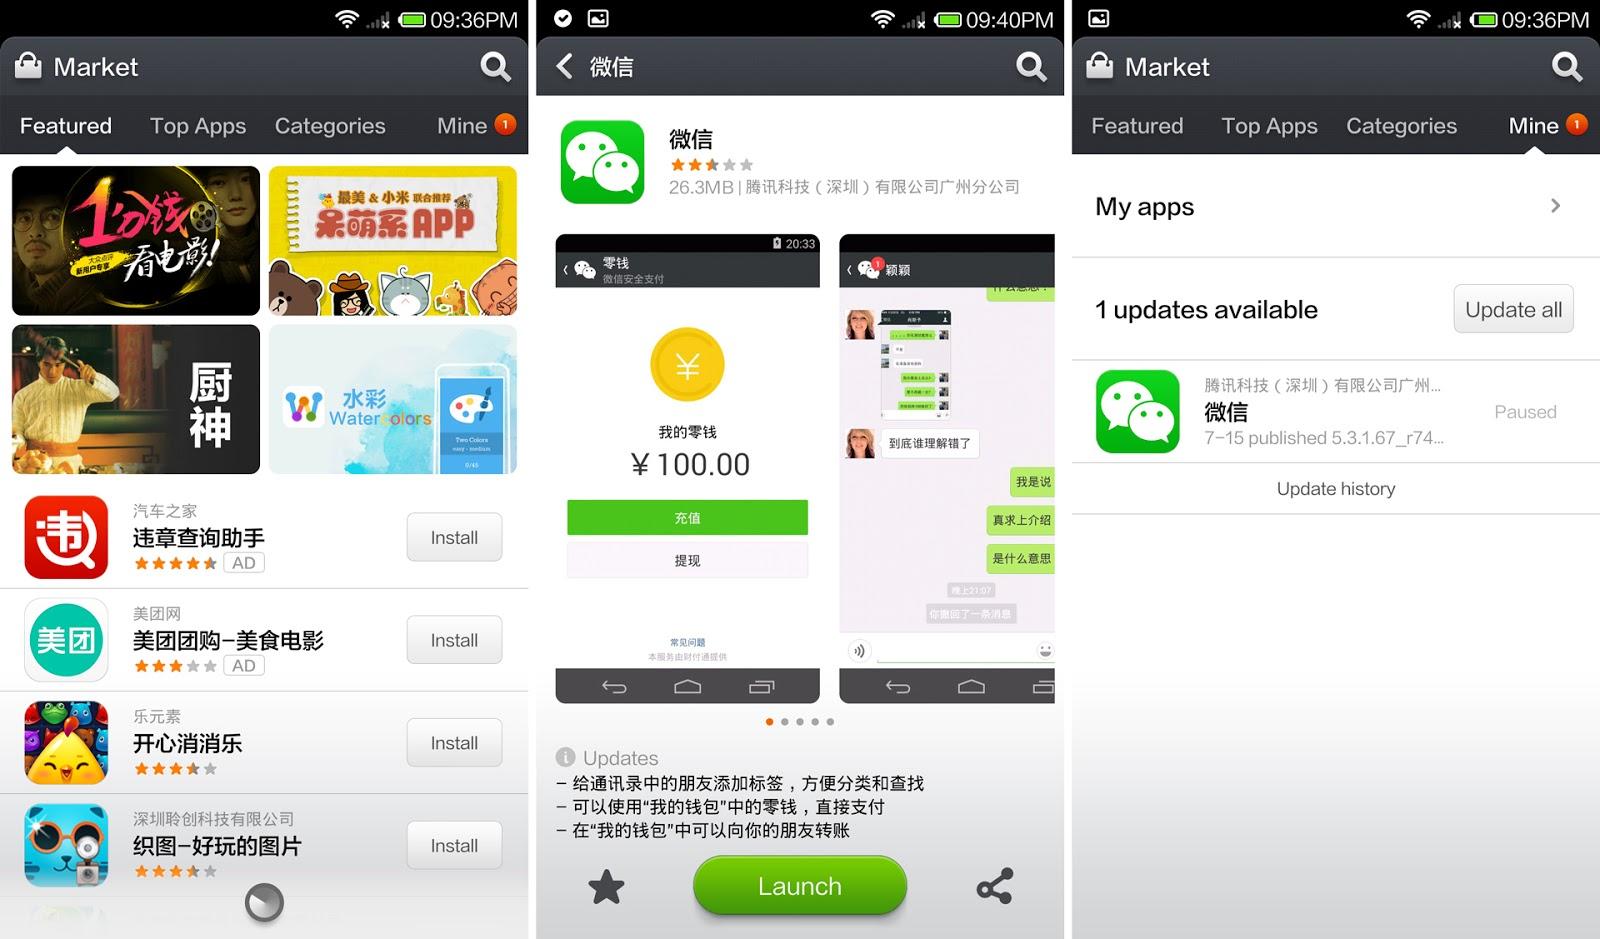 Xiaomi redmi Mi Market Apk download ~ ALL APK